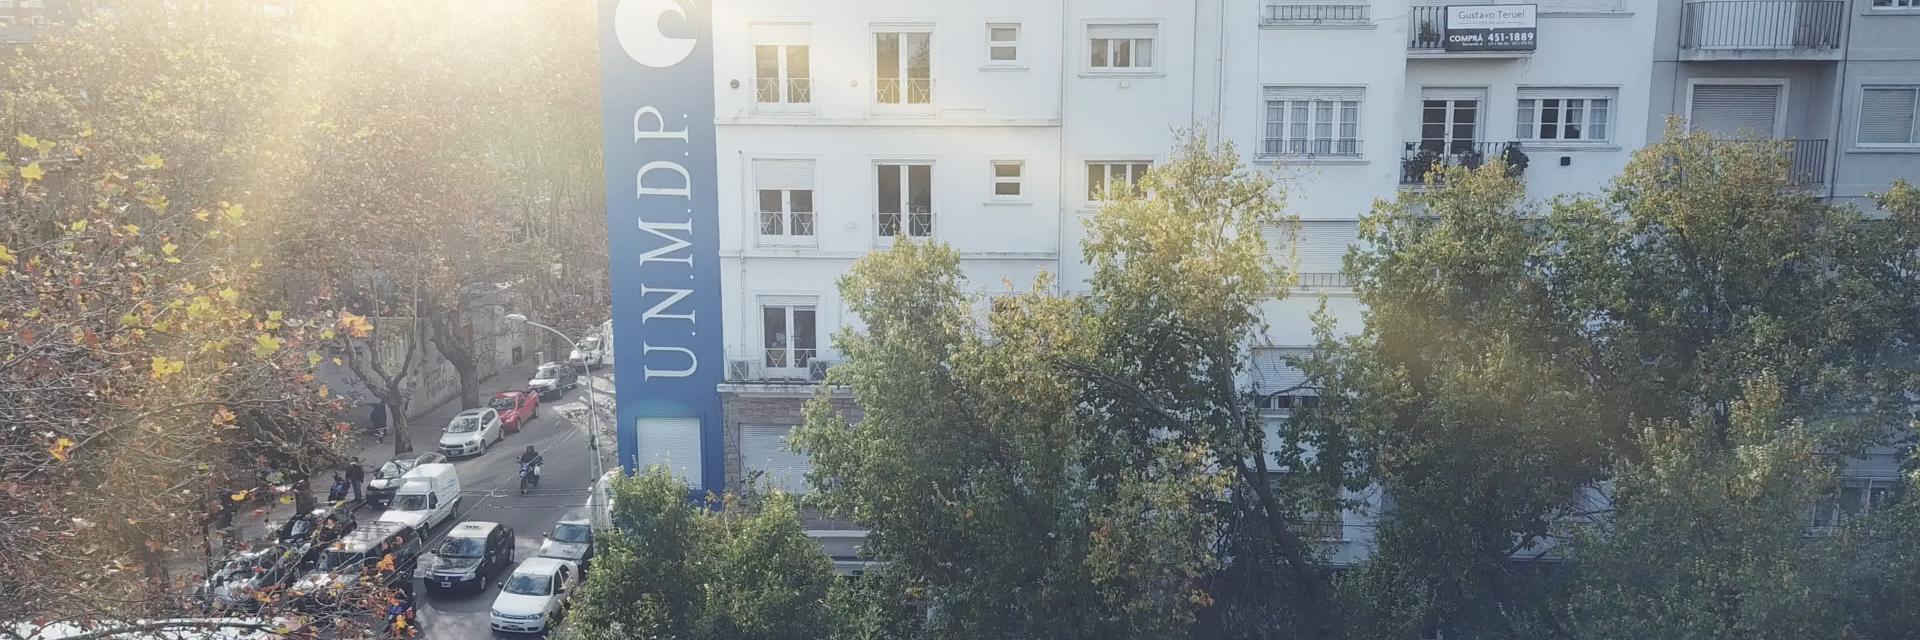 Universidad Nacional de Mar del Plata's official Twitter account